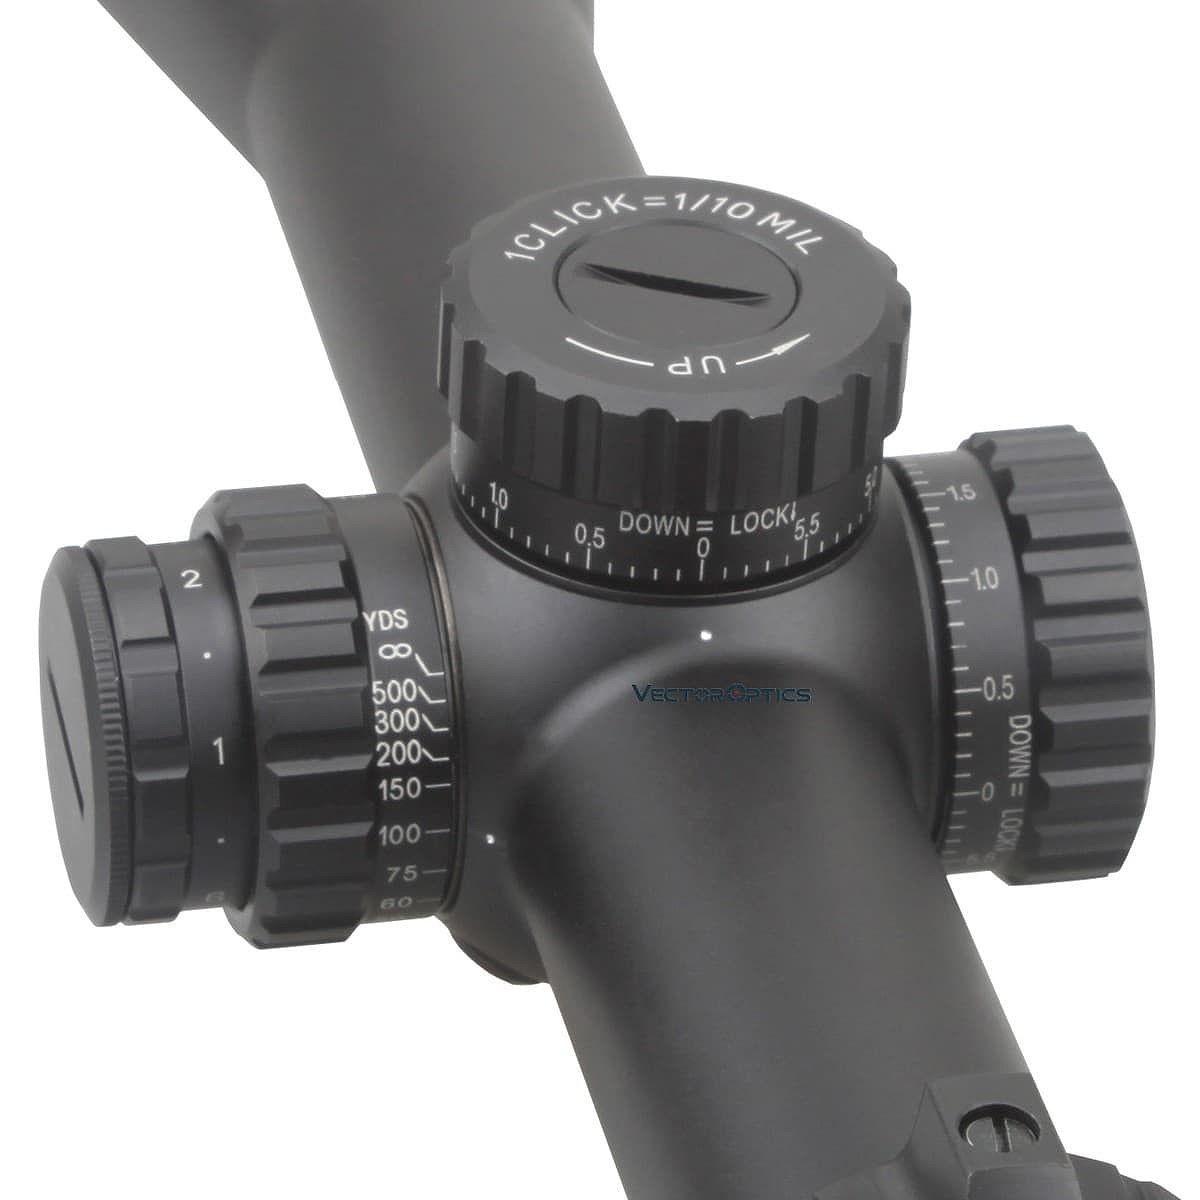 ベクターオプティクス ライフルスコープ Taurus 4-24x50  Vector Optics SCFF-17